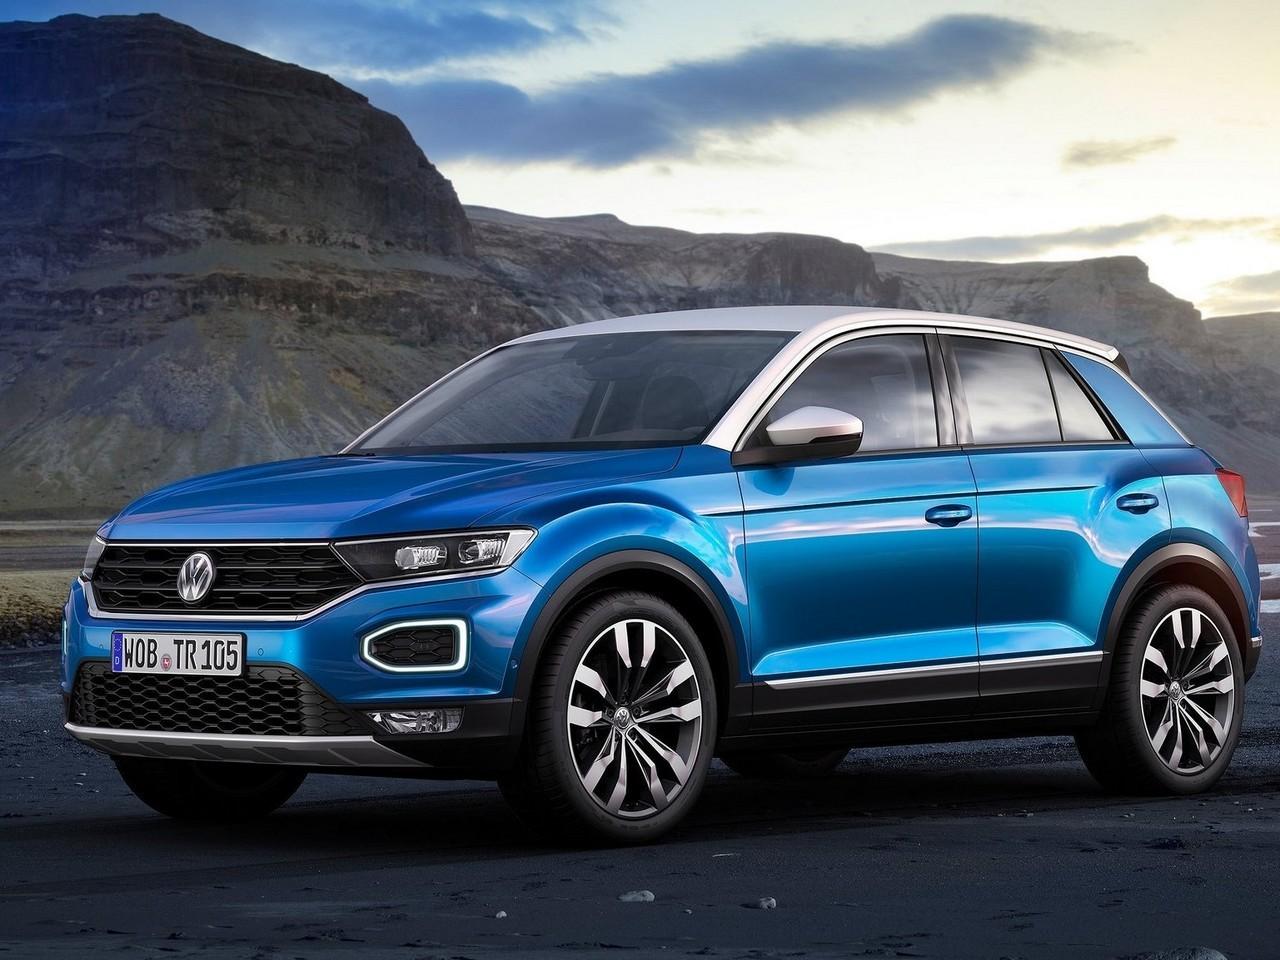 Volkswagen T-Roc 2018 : Le SUV très sportif